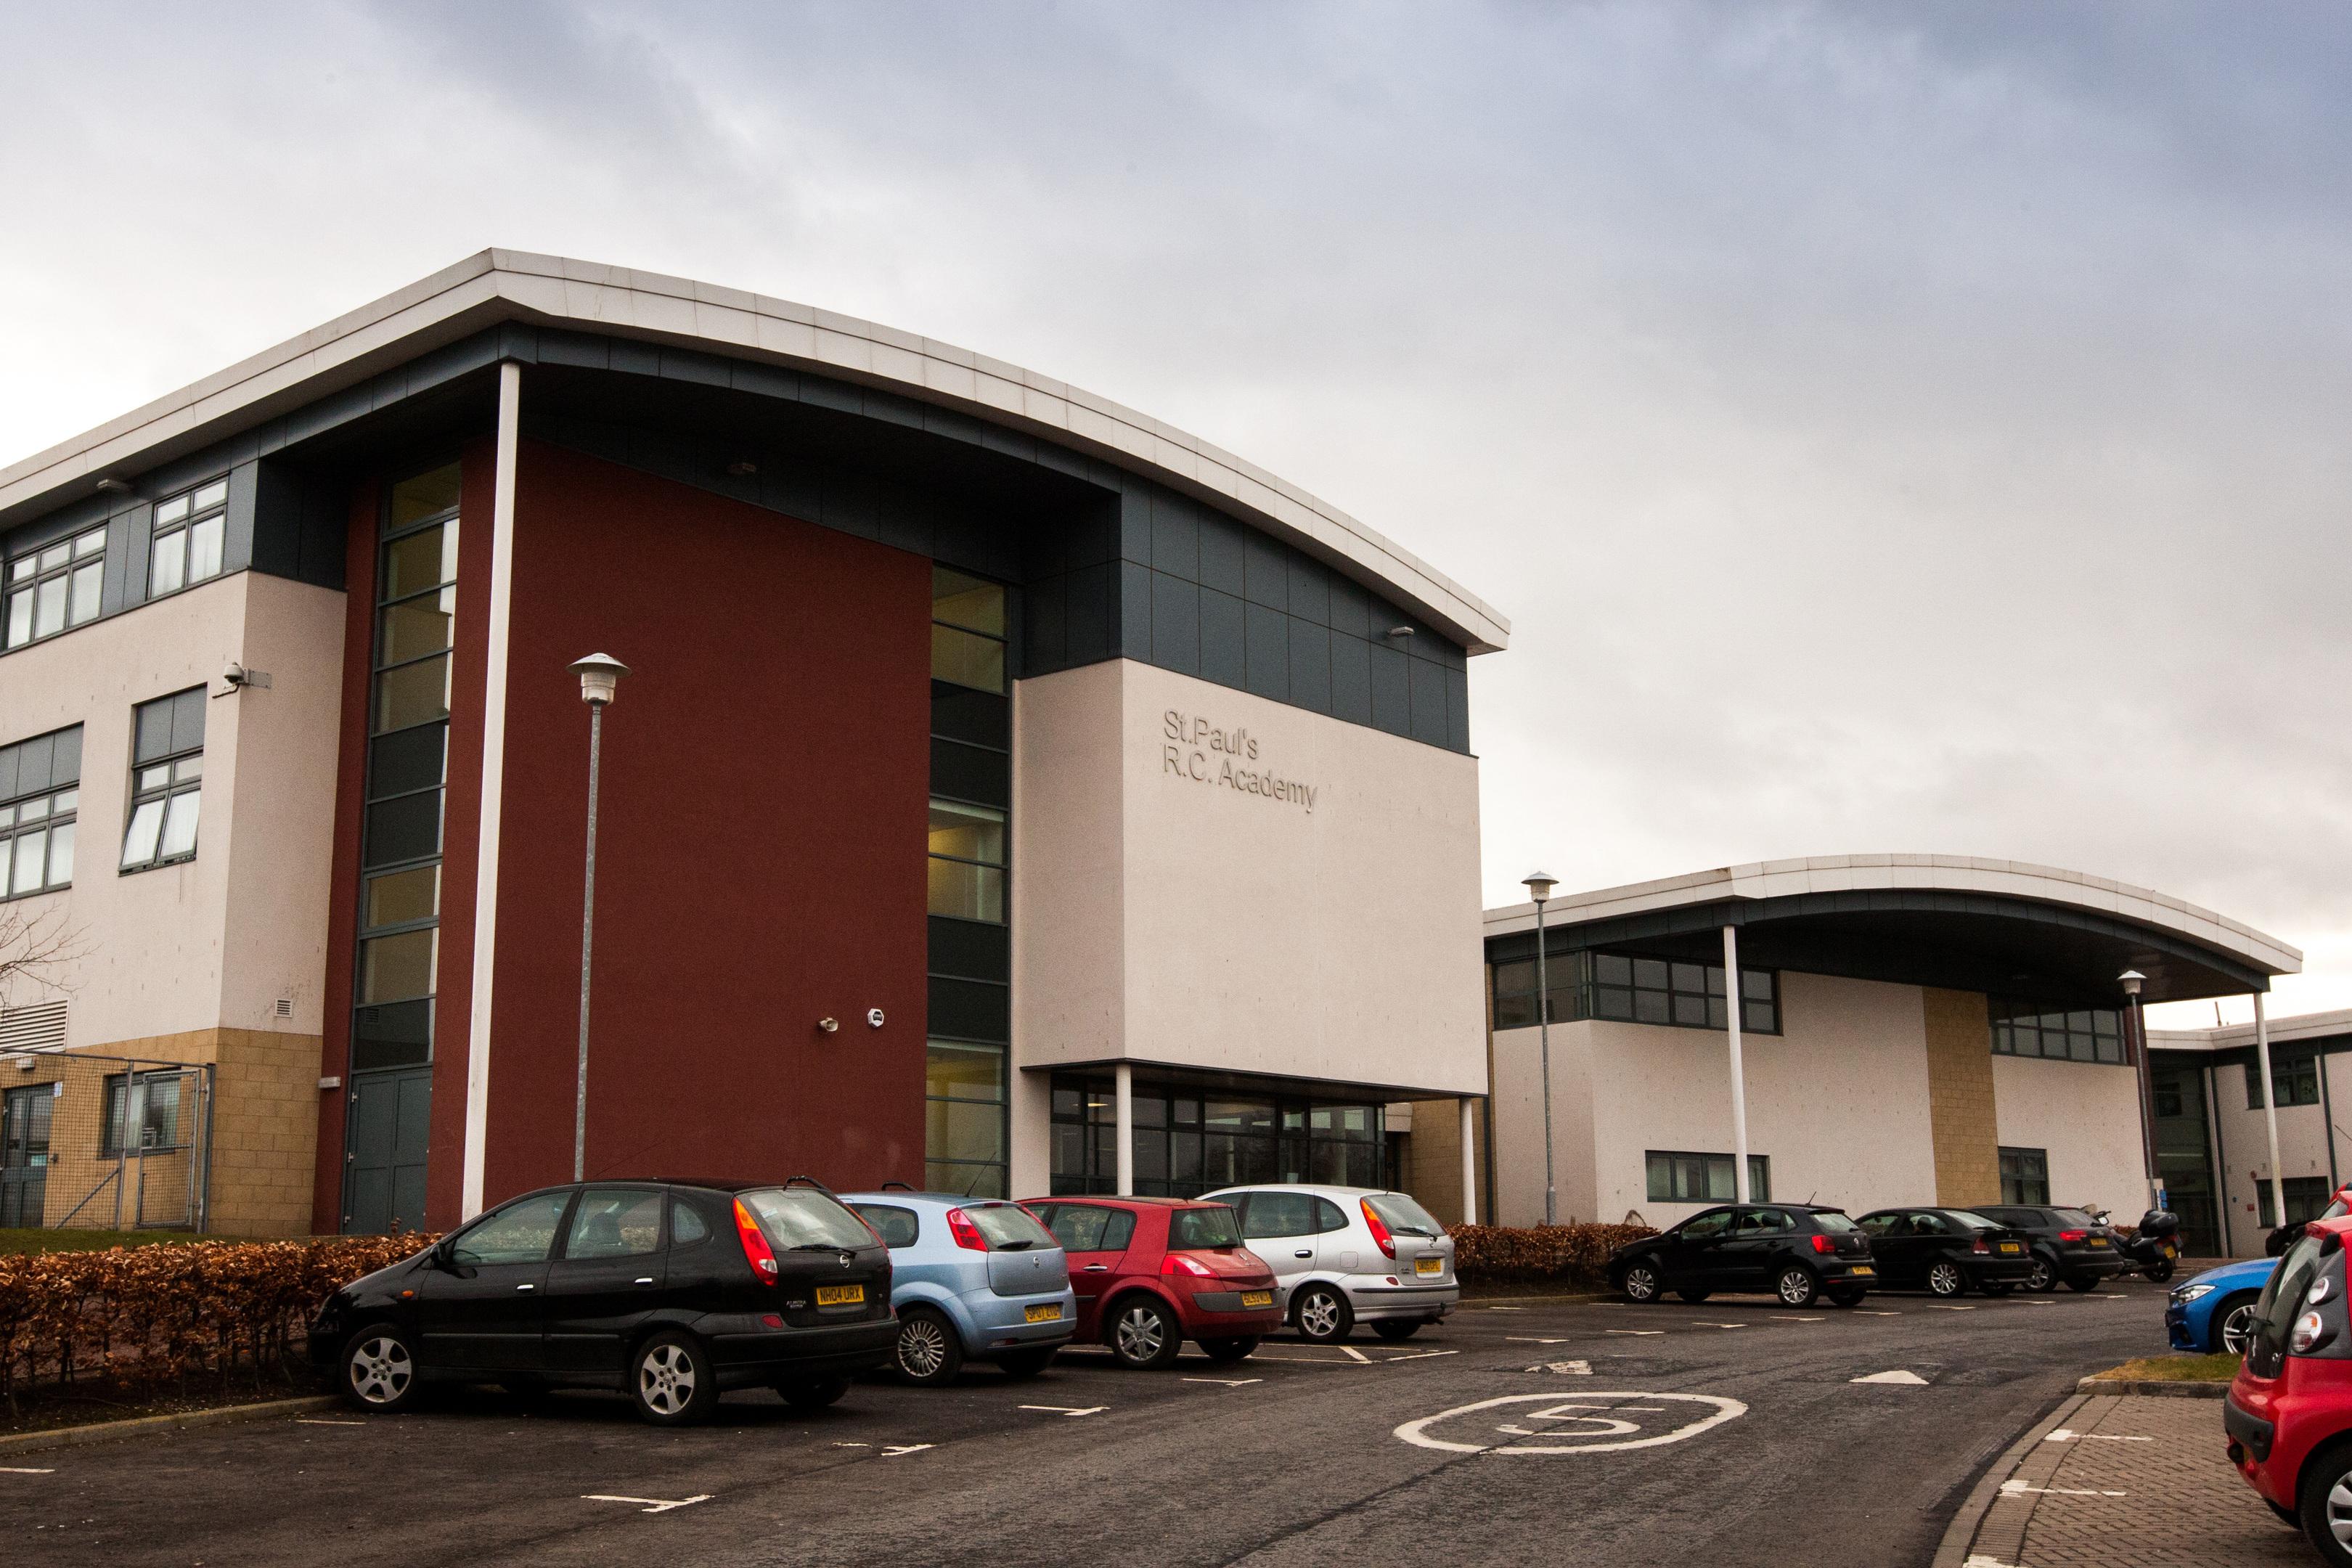 St Paul's Academy on Gillburn Road.